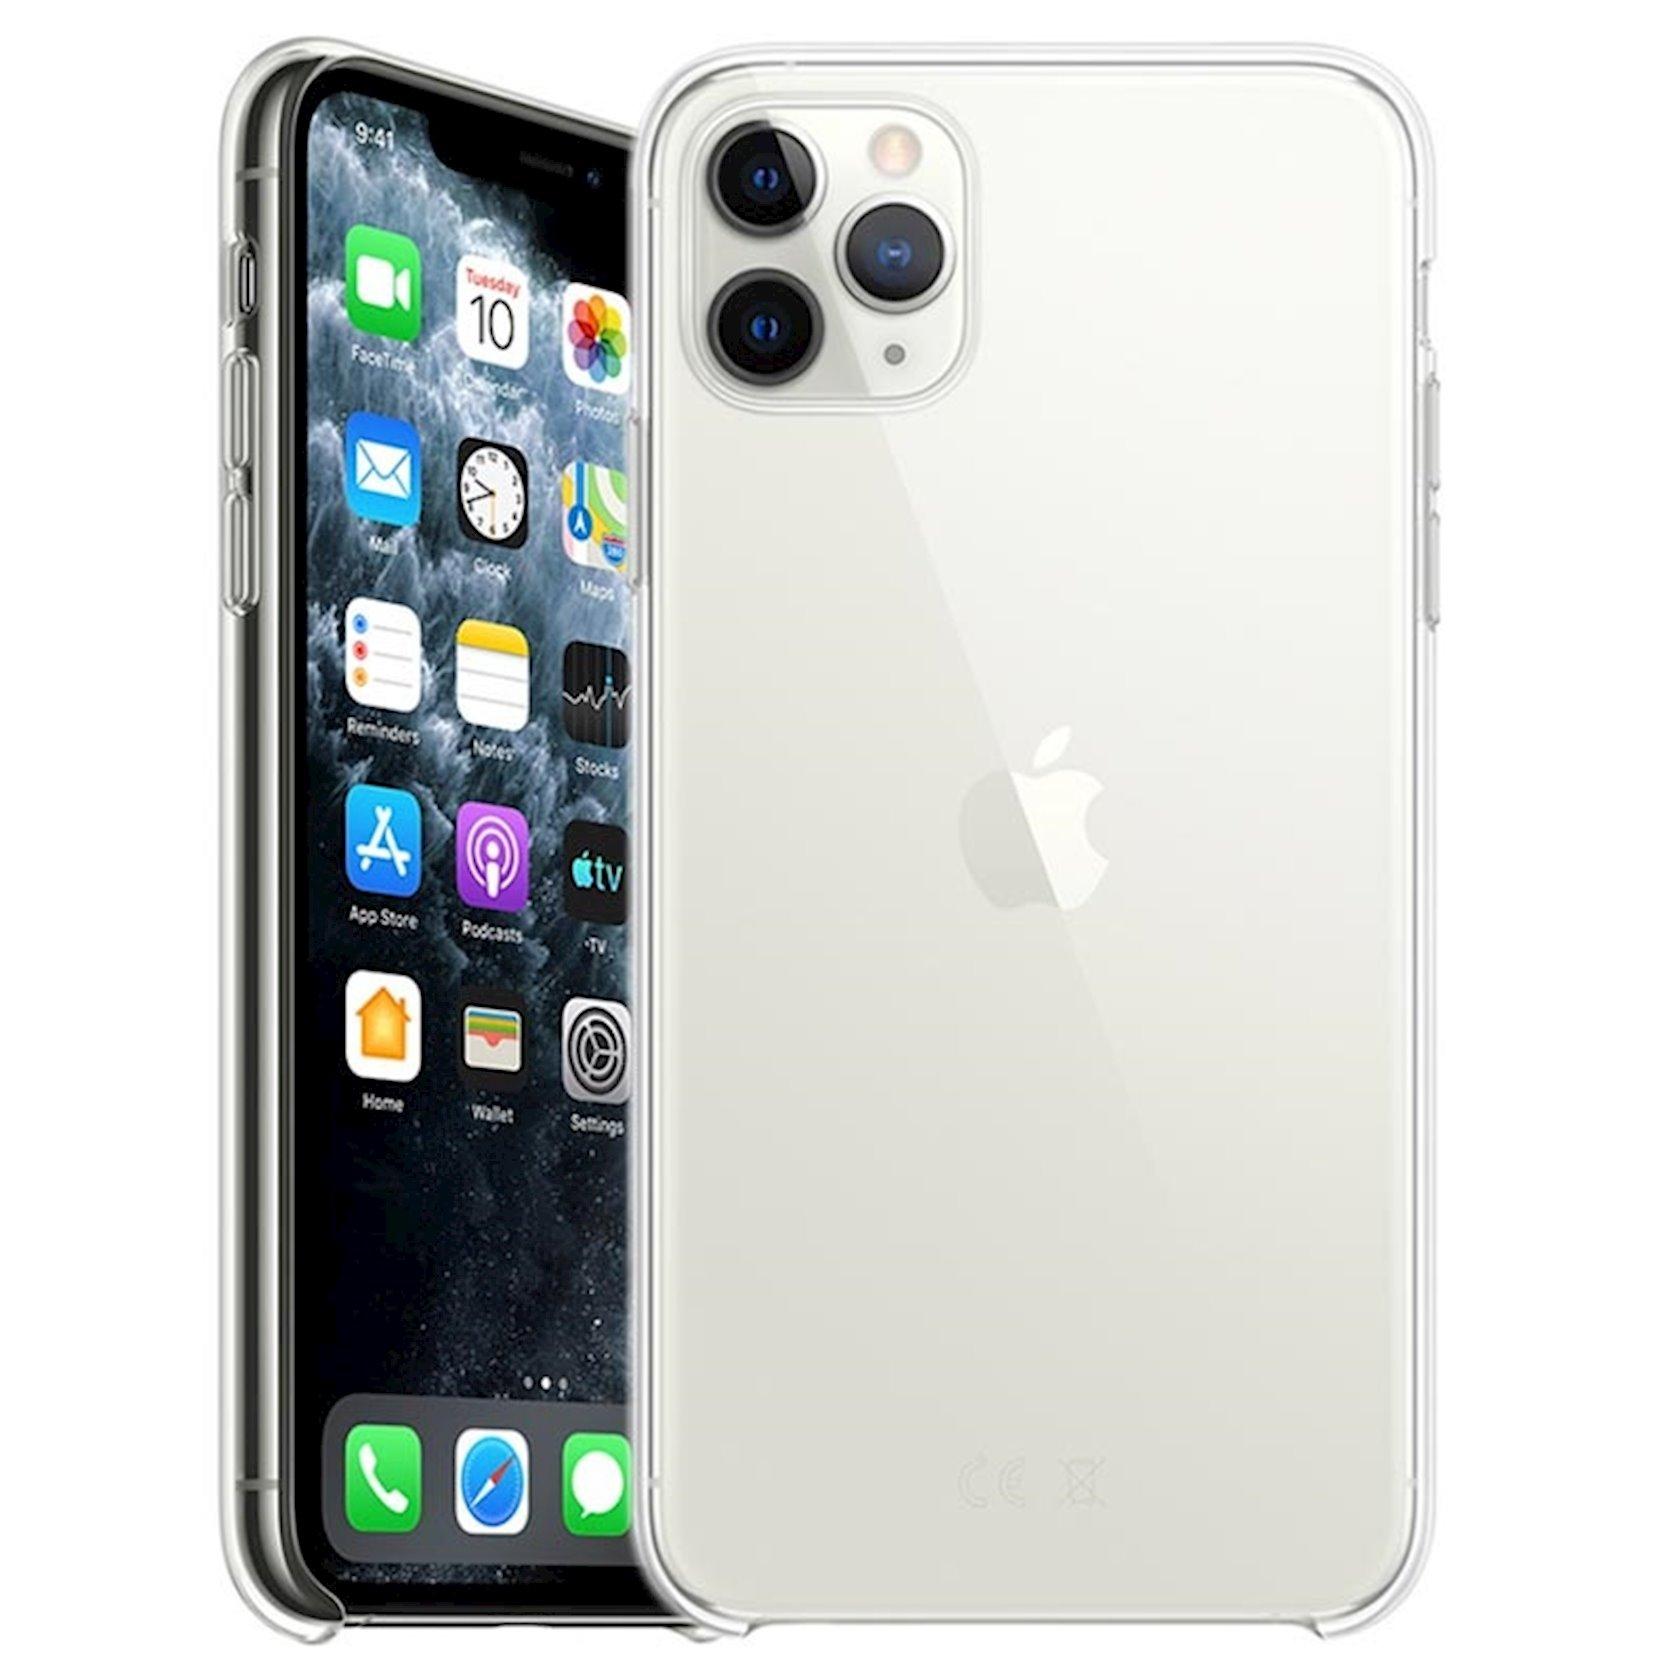 Çexol Apple iPhone 11 Pro Max Şəffaf